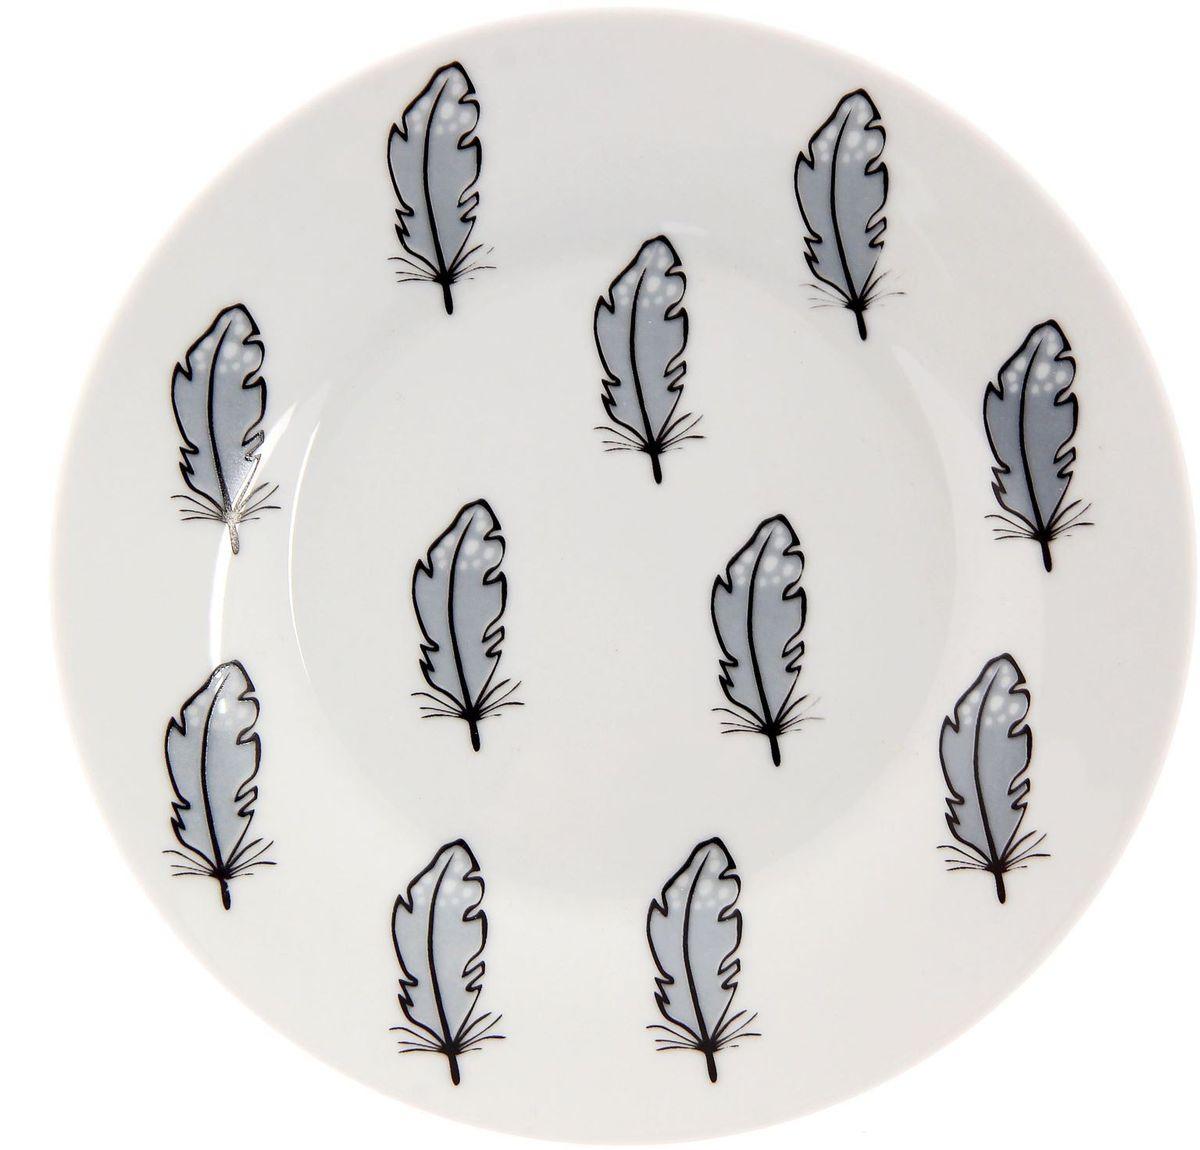 Тарелка мелкая Сотвори чудо Перо, диаметр 15,5 см115510Хотите обновить интерьер кухни или гостиной? Устраиваете необычную фотосессию или тематический праздник? А может, просто ищете подарок для близкого человека? Посуда Сотвори Чудо — правильный выбор в любой ситуации. Тарелка Сотвори Чудо, изготовленная из изящного фаянса нежного сливочного цвета, оформлена оригинальным рисунком со стойкой краской. Пригодна для посудомоечной машины.